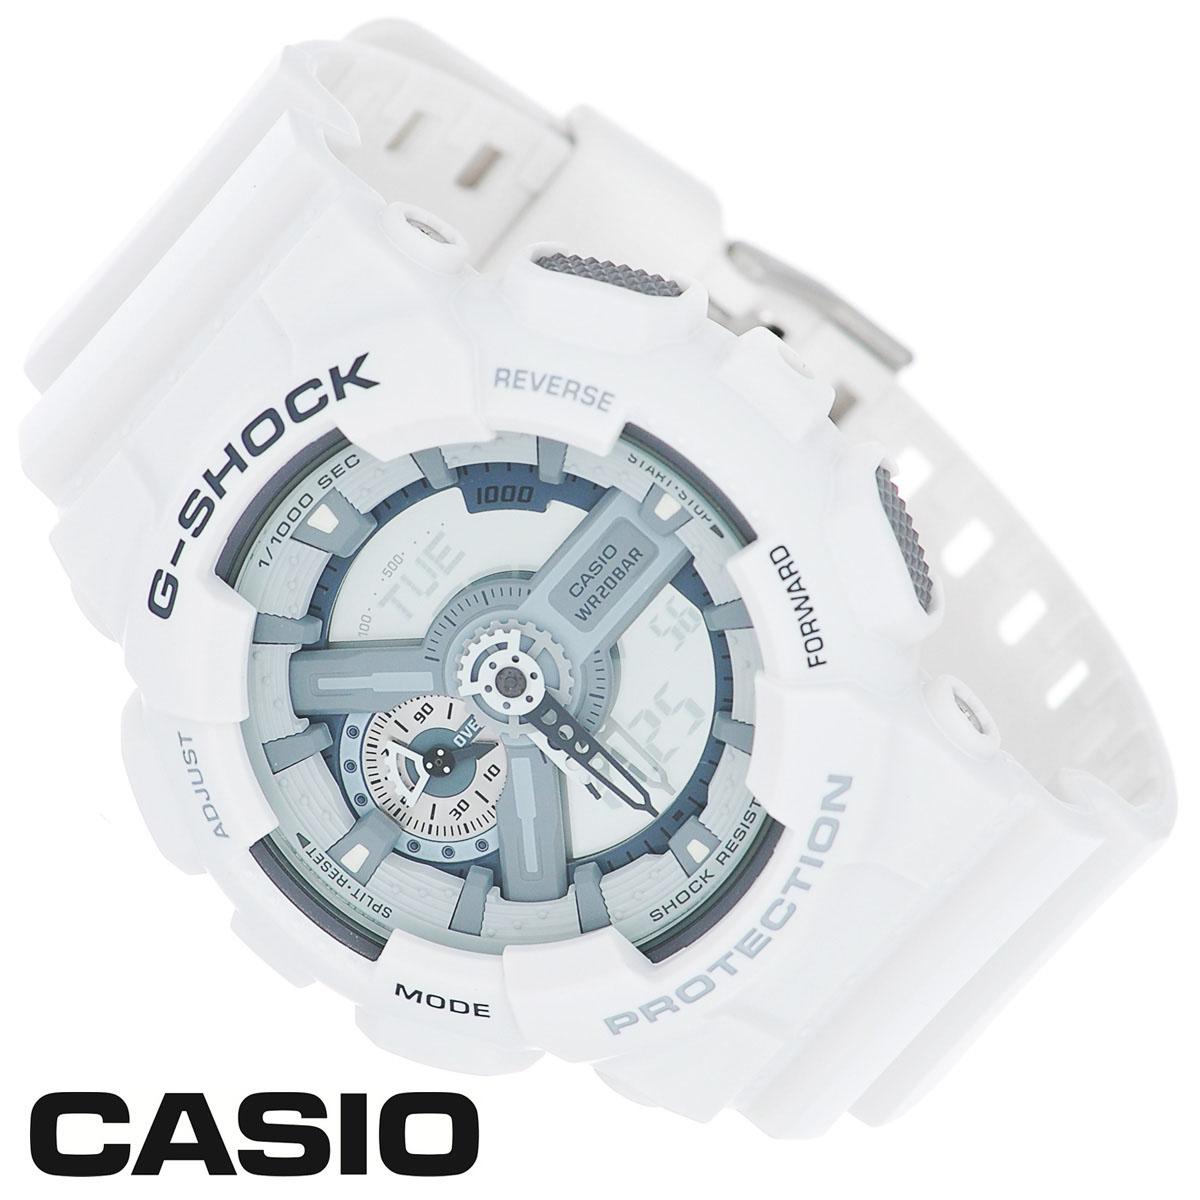 Часы мужские наручные Casio G-Shock, цвет: белый. GA-110C-7AJTZ2145 Dark blueСтильные часы G-Shock от японского брэнда Casio - это яркий функциональный аксессуар для современных людей, которые стремятся выделиться из толпы и подчеркнуть свою индивидуальность. Часы выполнены в спортивном стиле. Корпус имеет ударопрочную конструкцию, защищающую механизм от ударов и вибрации. Циферблат подсвечивается светодиодной автоматической подсветкой. Функция автоподсветки освещает циферблат при повороте часов к лицу. Ремешок из мягкого пластика имеет классическую застежку.Основные функции: -5 будильников, один с функцией Snooze, ежечасный сигнал; -автоматический календарь (число, месяц, день недели, год); -сплит-хронограф; -защита от магнитных полей; -секундомер с точностью показаний 1/1000 с, время измерения 100 часов; -12-ти и 24-х часовой формат времени; -таймер обратного отсчета от 1 мин до 24 ч с автоповтором; -мировое время.Часы упакованы в фирменную коробку с логотипом Casio. Такой аксессуар добавит вашему образу стиля и подчеркнет безупречный вкус своего владельца.Характеристики: Диаметр циферблата: 3,8 см.Размер корпуса: 5,5 см х 5,1 см х 1,7 см.Длина ремешка (с корпусом): 25 см.Ширина ремешка: 2,2 см. STAINLESS STELL BACK JAPAN MOVT Y CASED IN THAILAND.